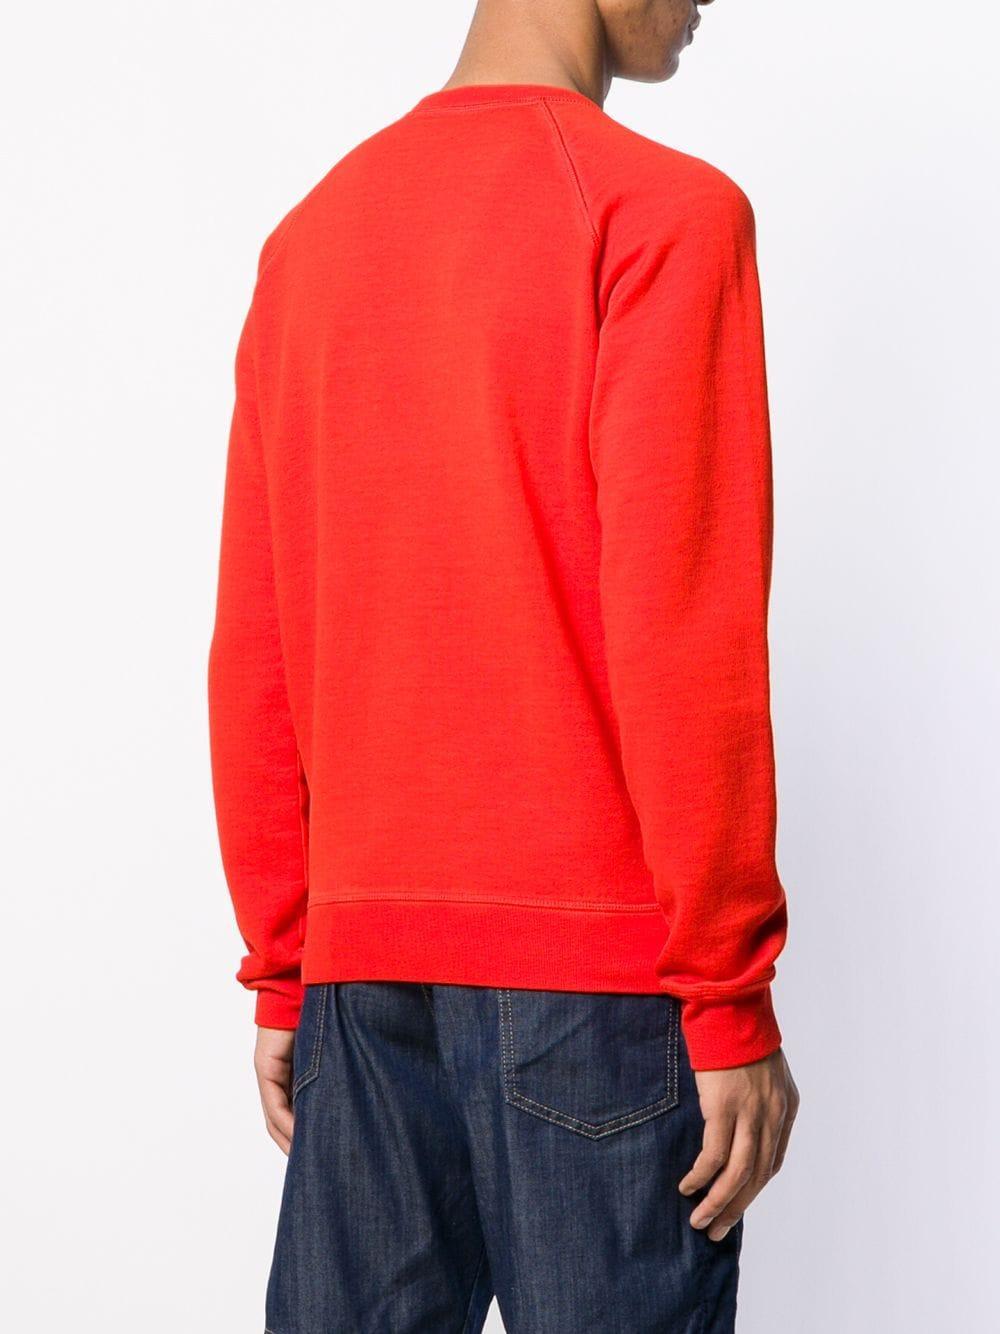 DSquared² Katoen Grafische Sweater in het Rood voor heren